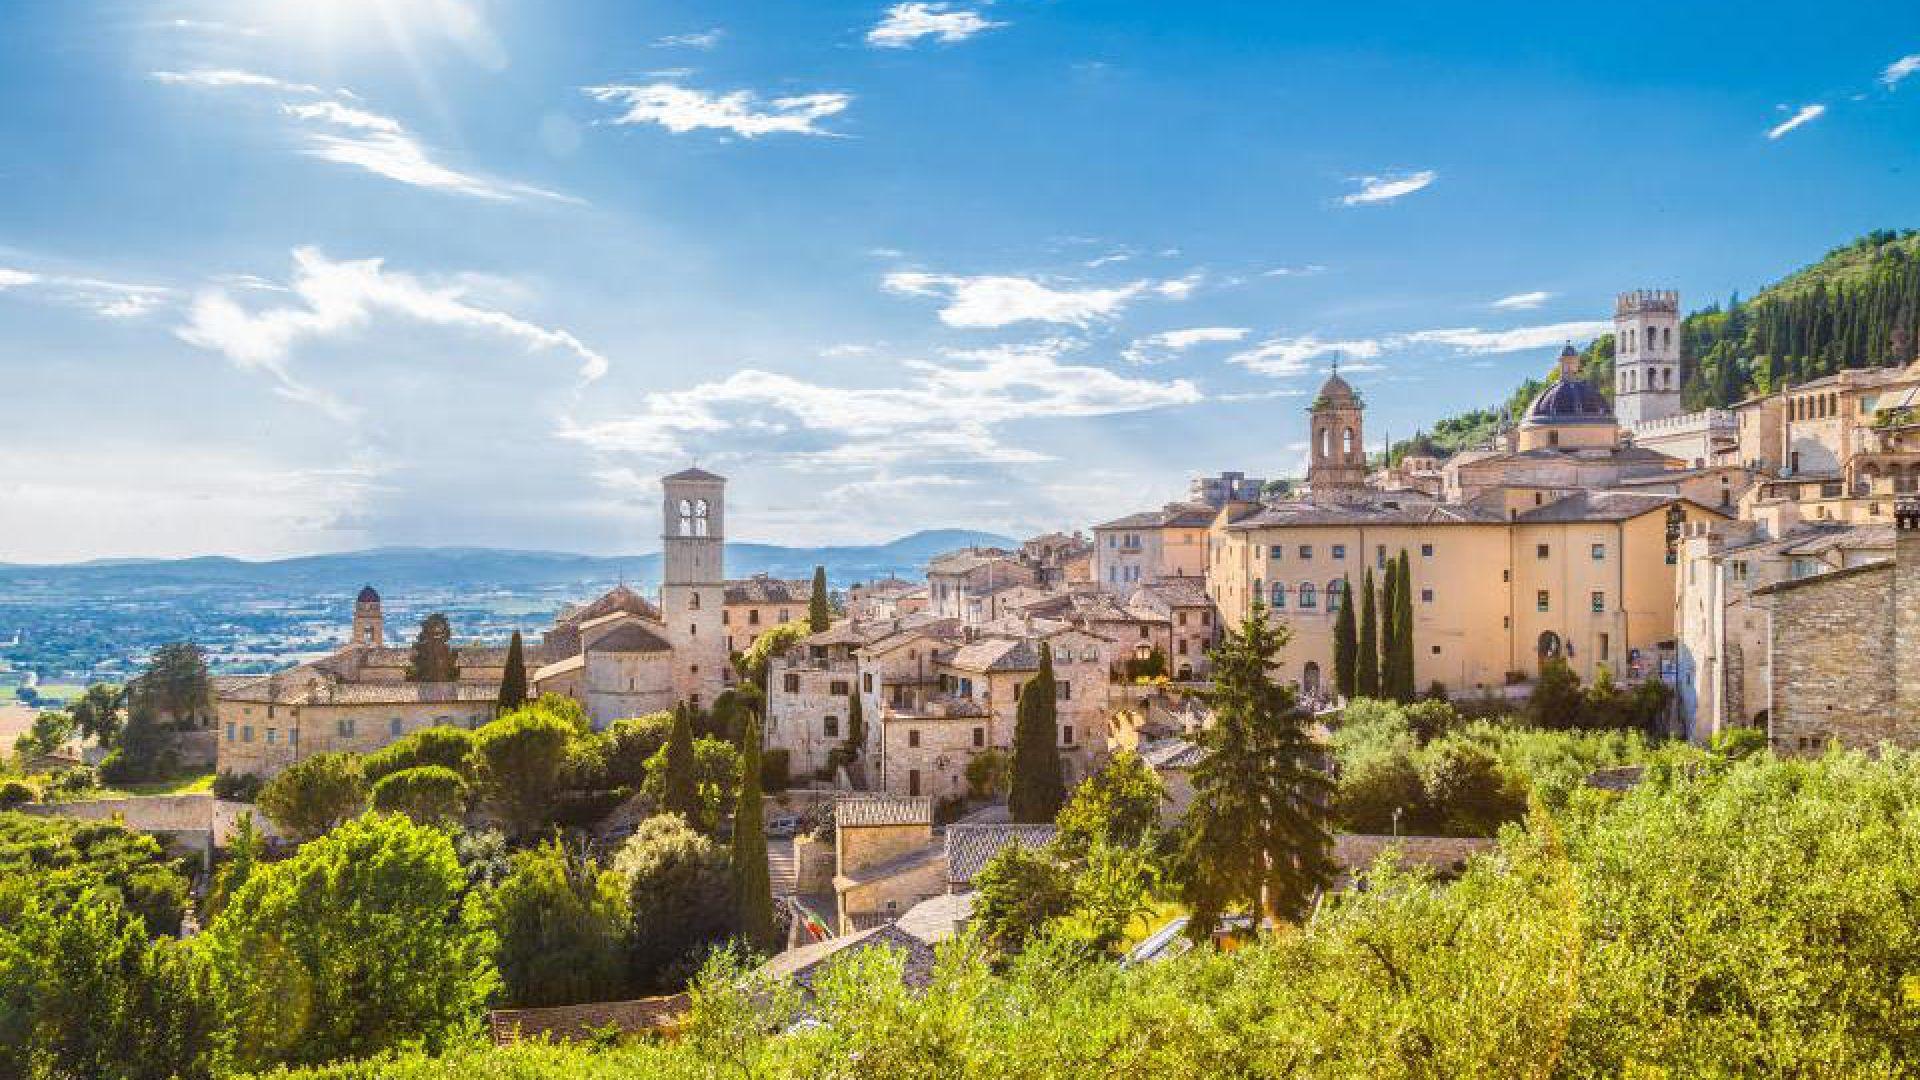 Assisi-Umbria-